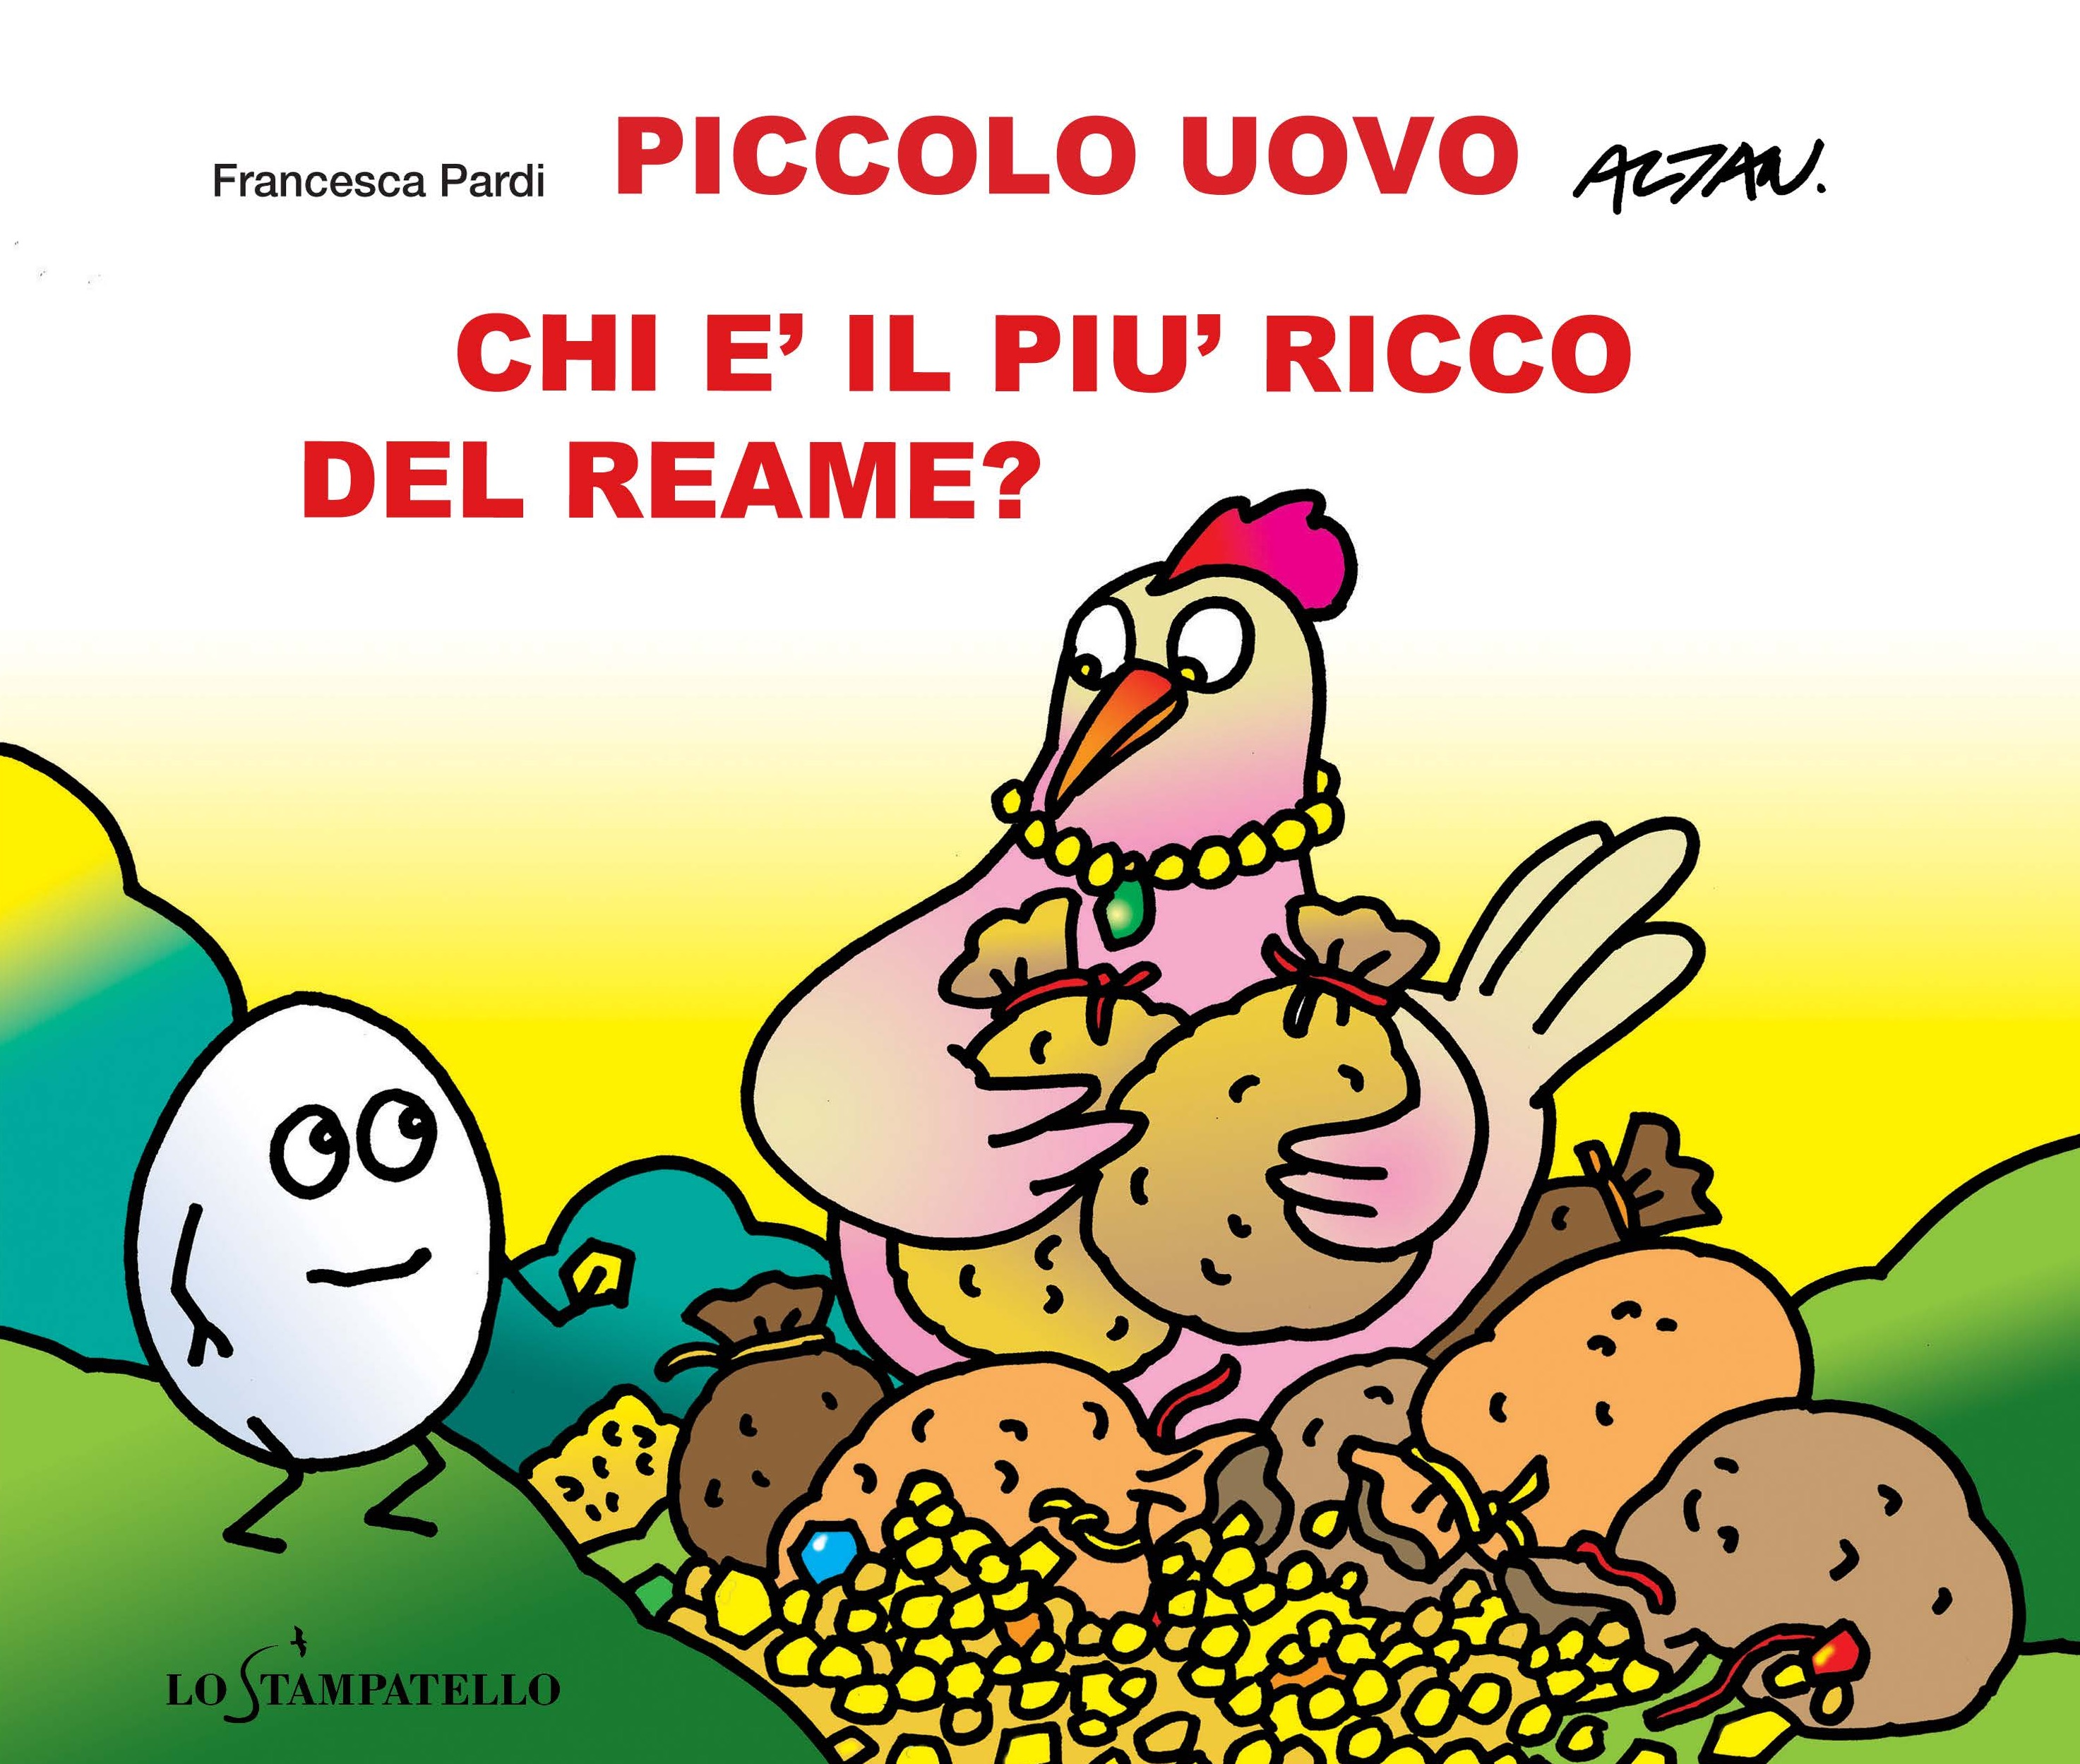 PICCOLO UOVO - CHI E' IL PIU' RICCO DEL REAME? di Francesca Pardi - Lo Stampatello